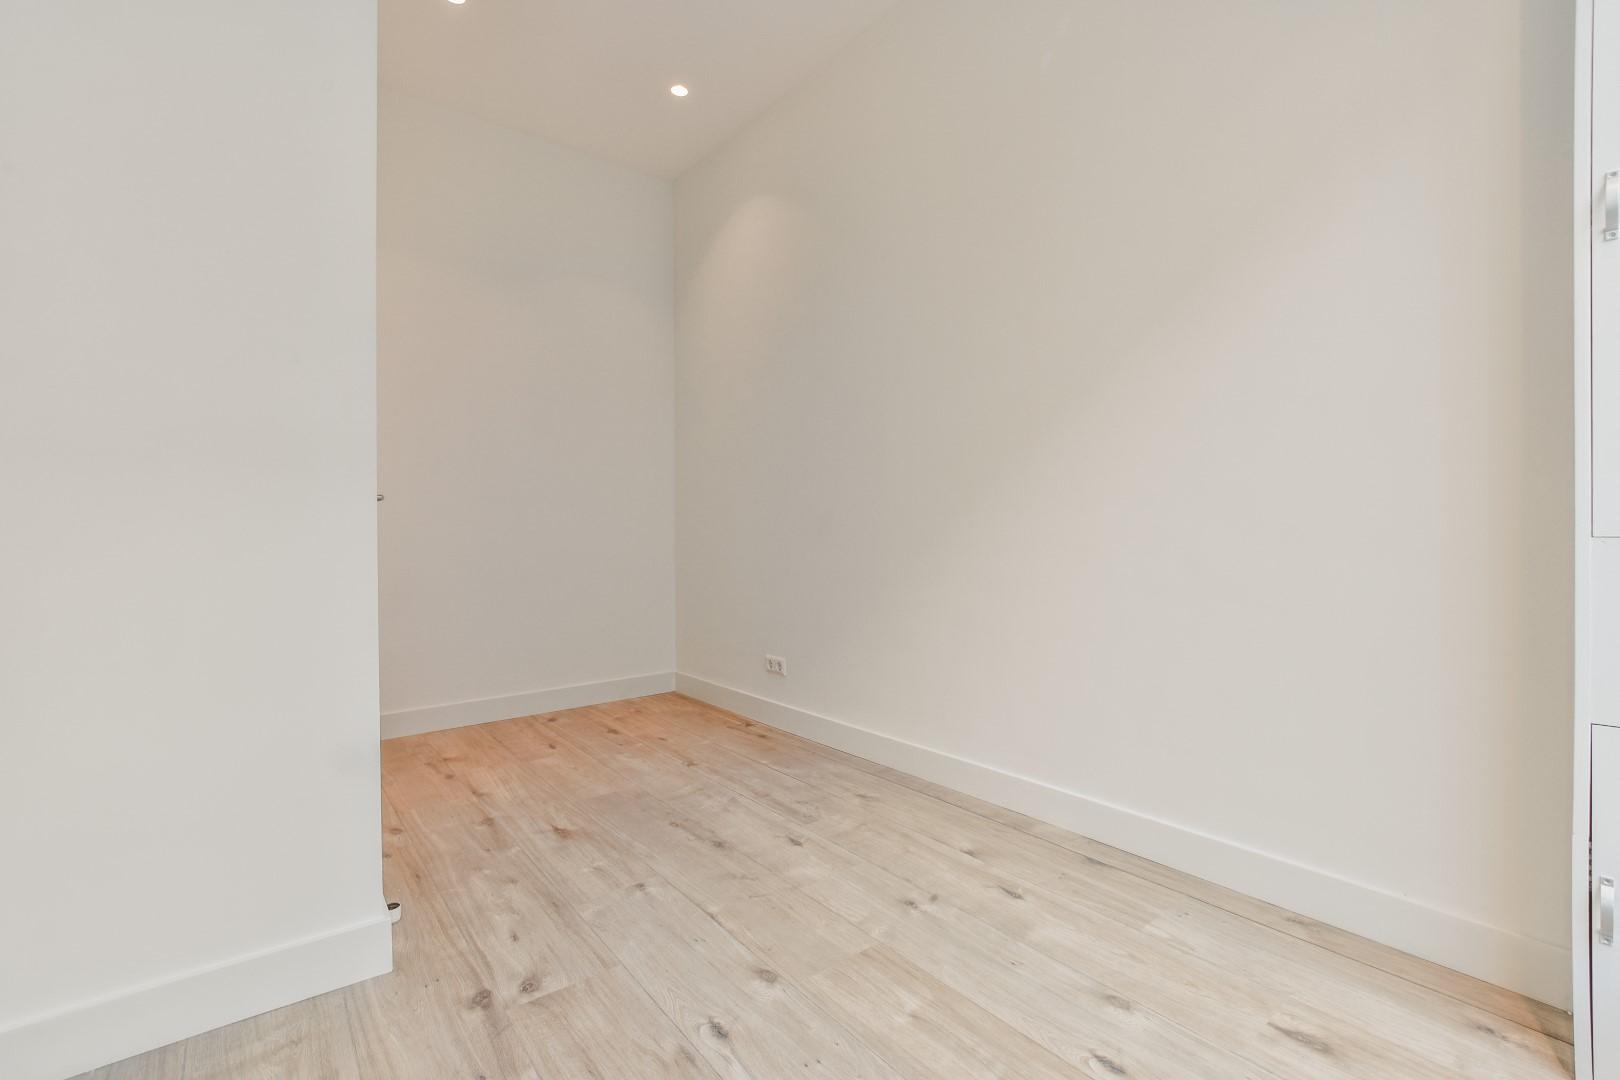 Kuipersstraat 70 hs 1074 EN, Amsterdam, Noord-Holland Nederland, 2 Bedrooms Bedrooms, ,1 BathroomBathrooms,Apartment,For Rent,Kuipersstraat,1503